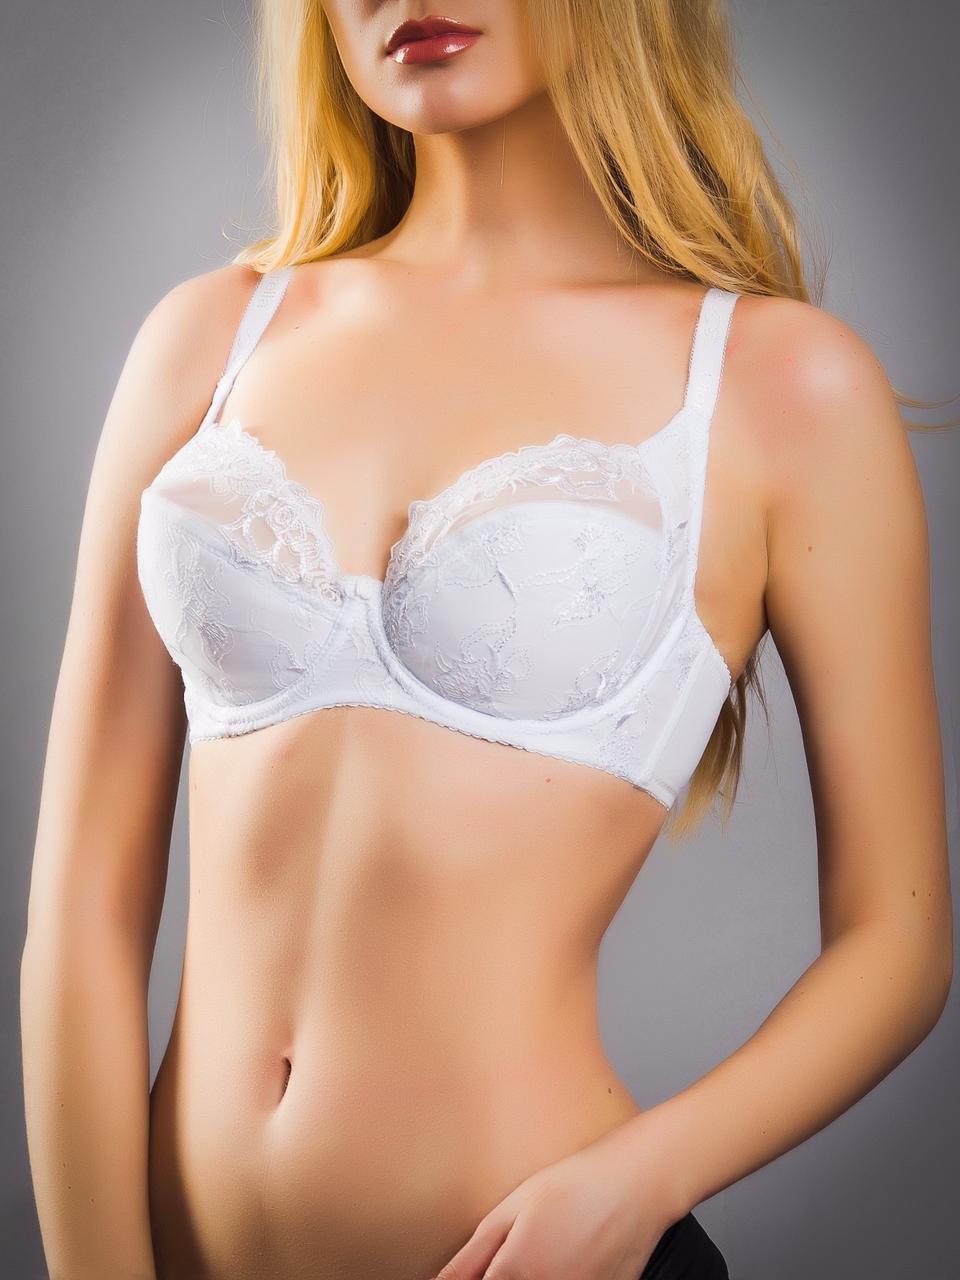 Бюстгальтер Diorella 34220C, колір Білий,  розмір 80C